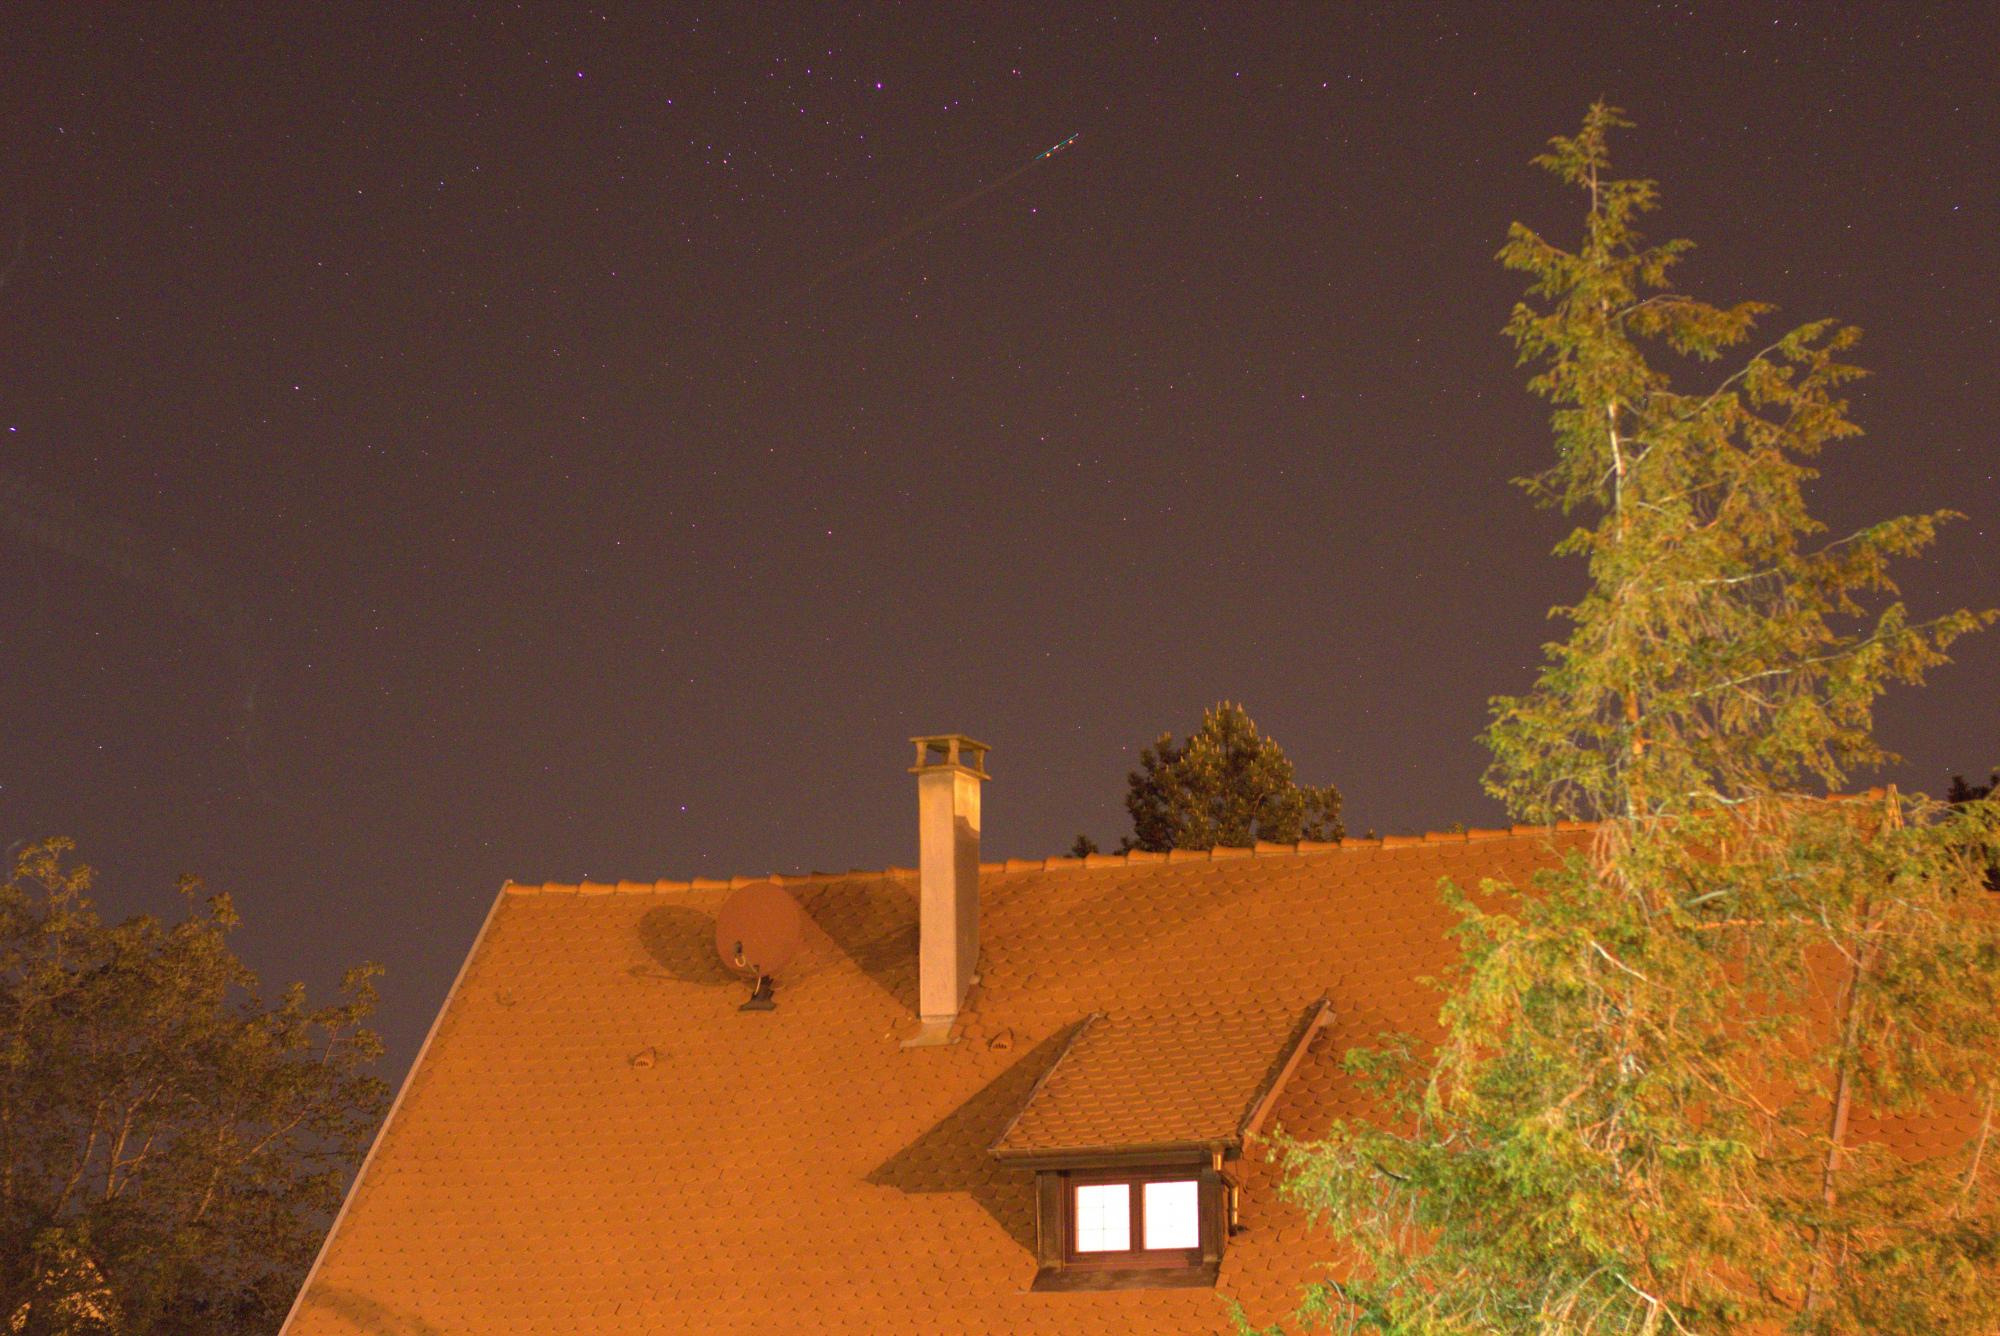 LIGHT_2s_3200iso_f2-8_20200423-23h12m27s891ms.jpg